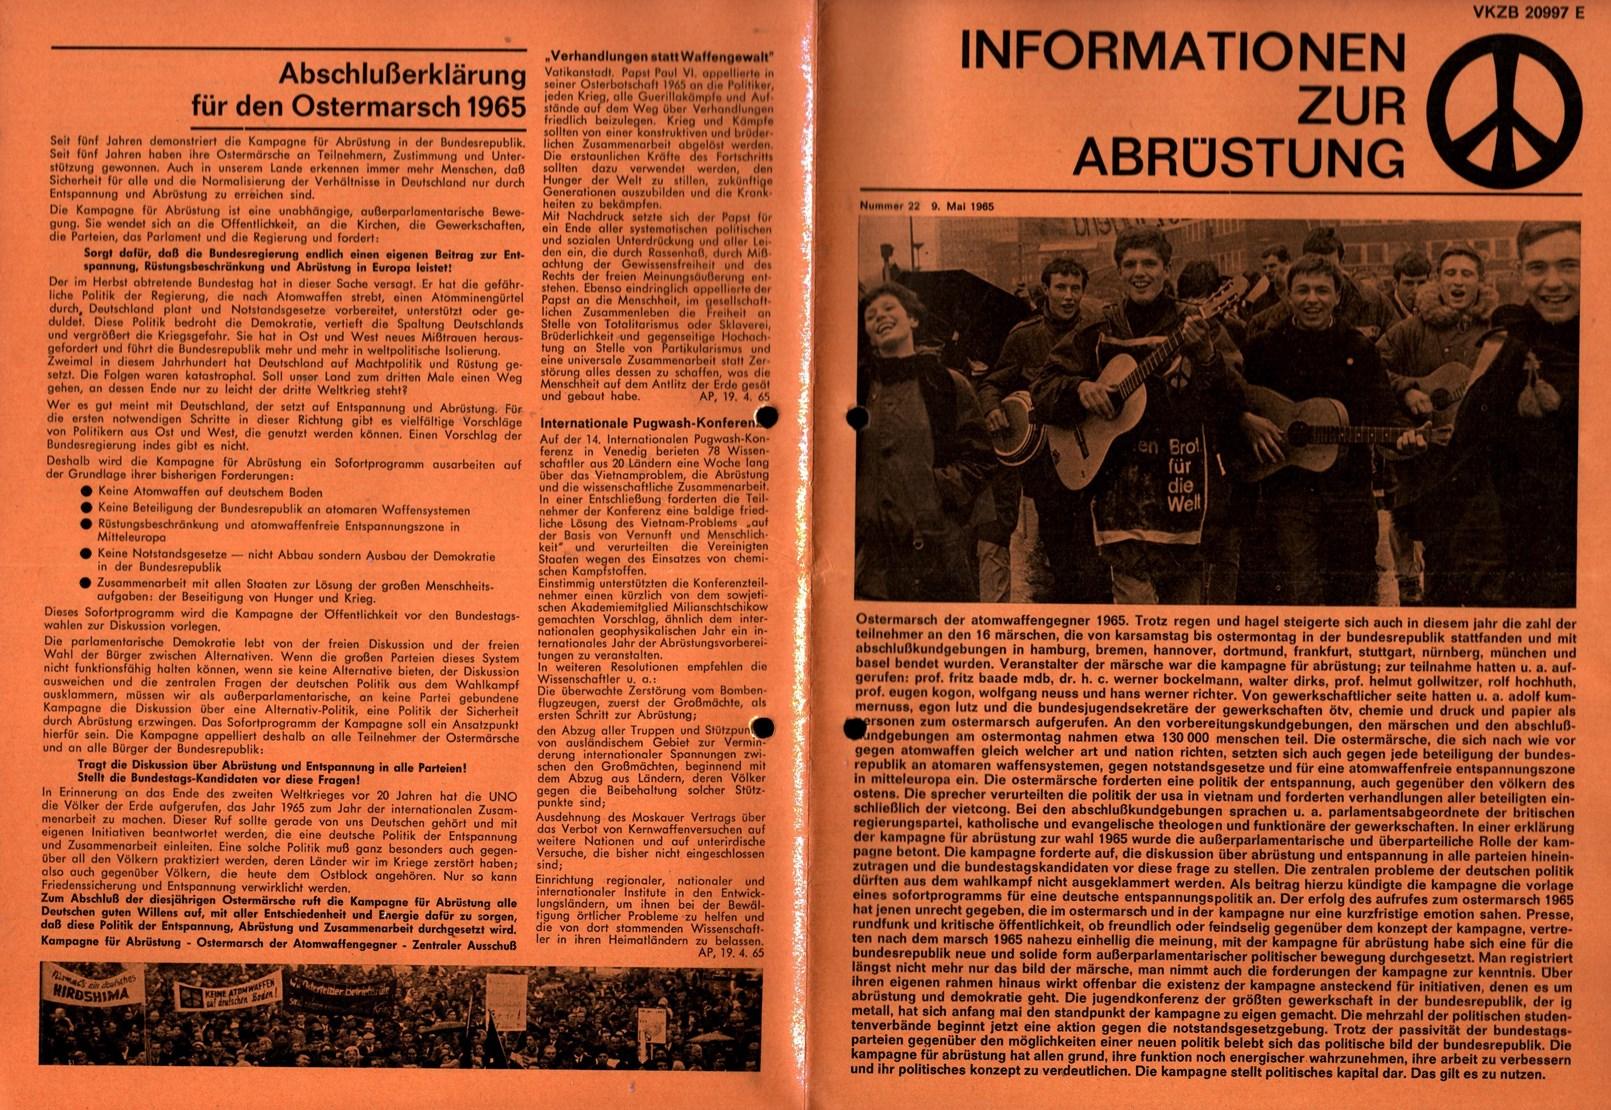 Infos_zur_Abruestung_1965_022_001